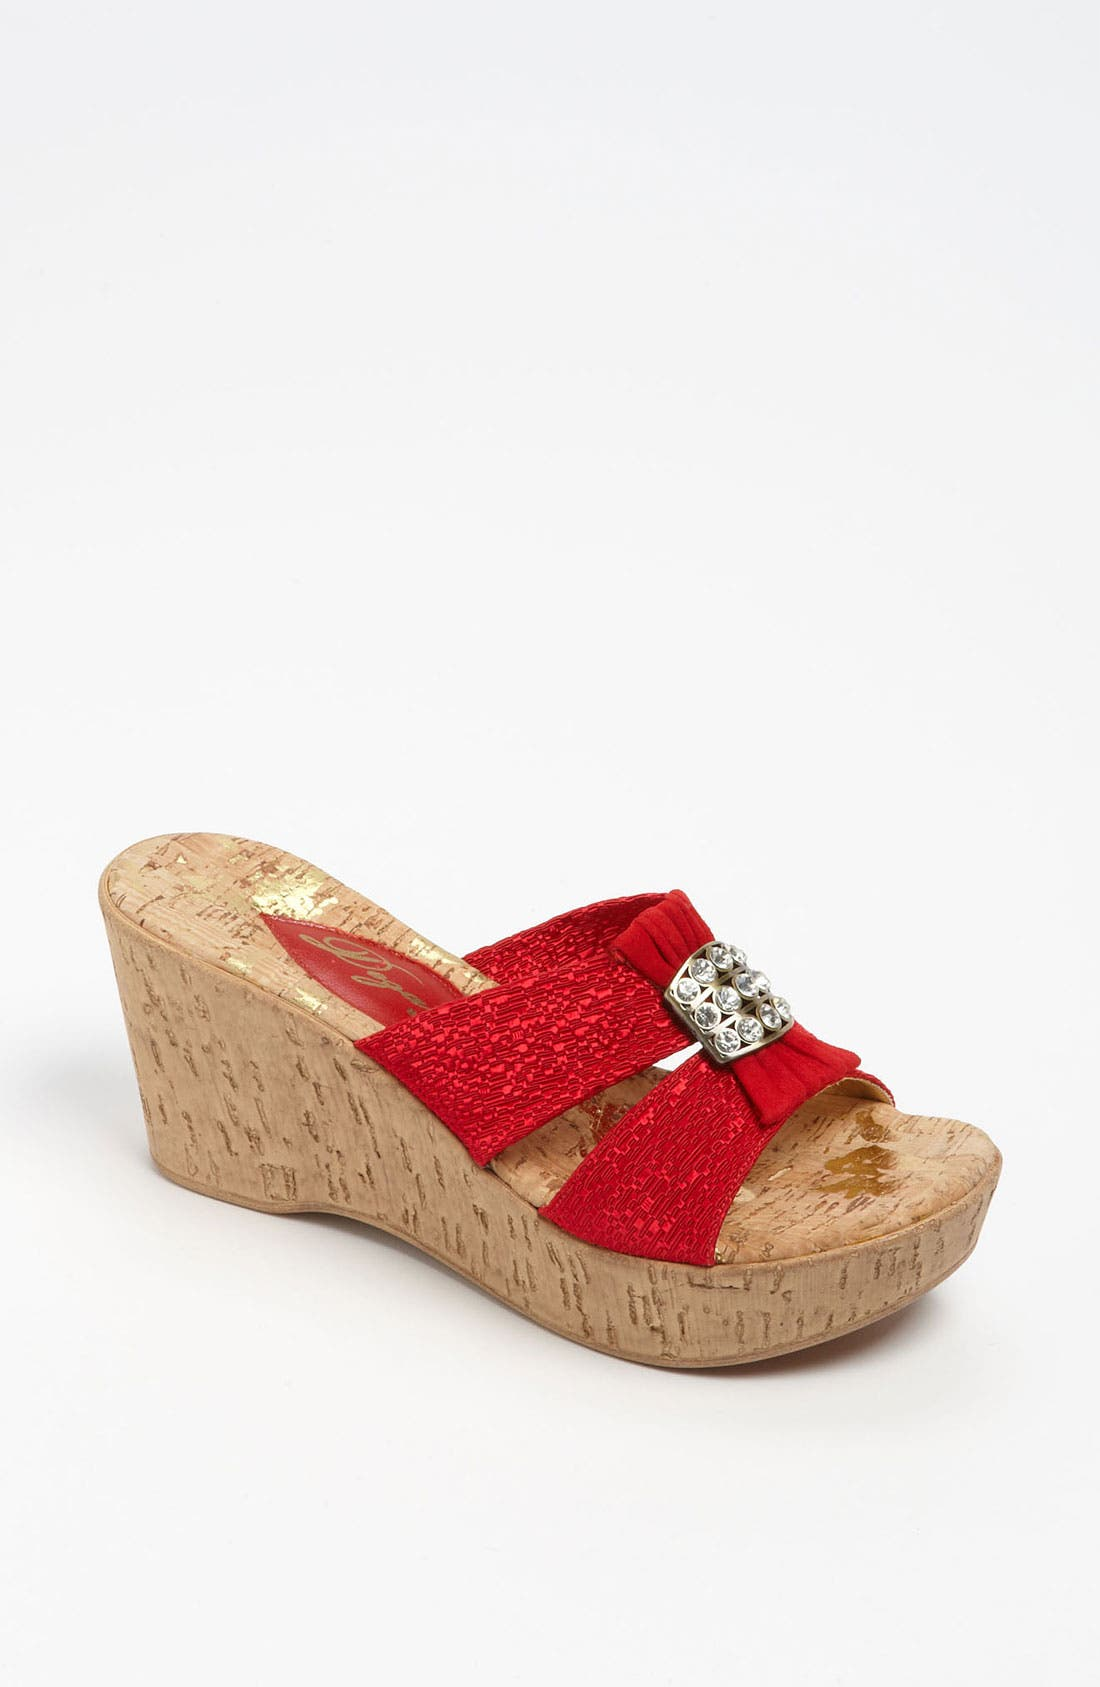 Main Image - Dezario 'Darla' Sandal